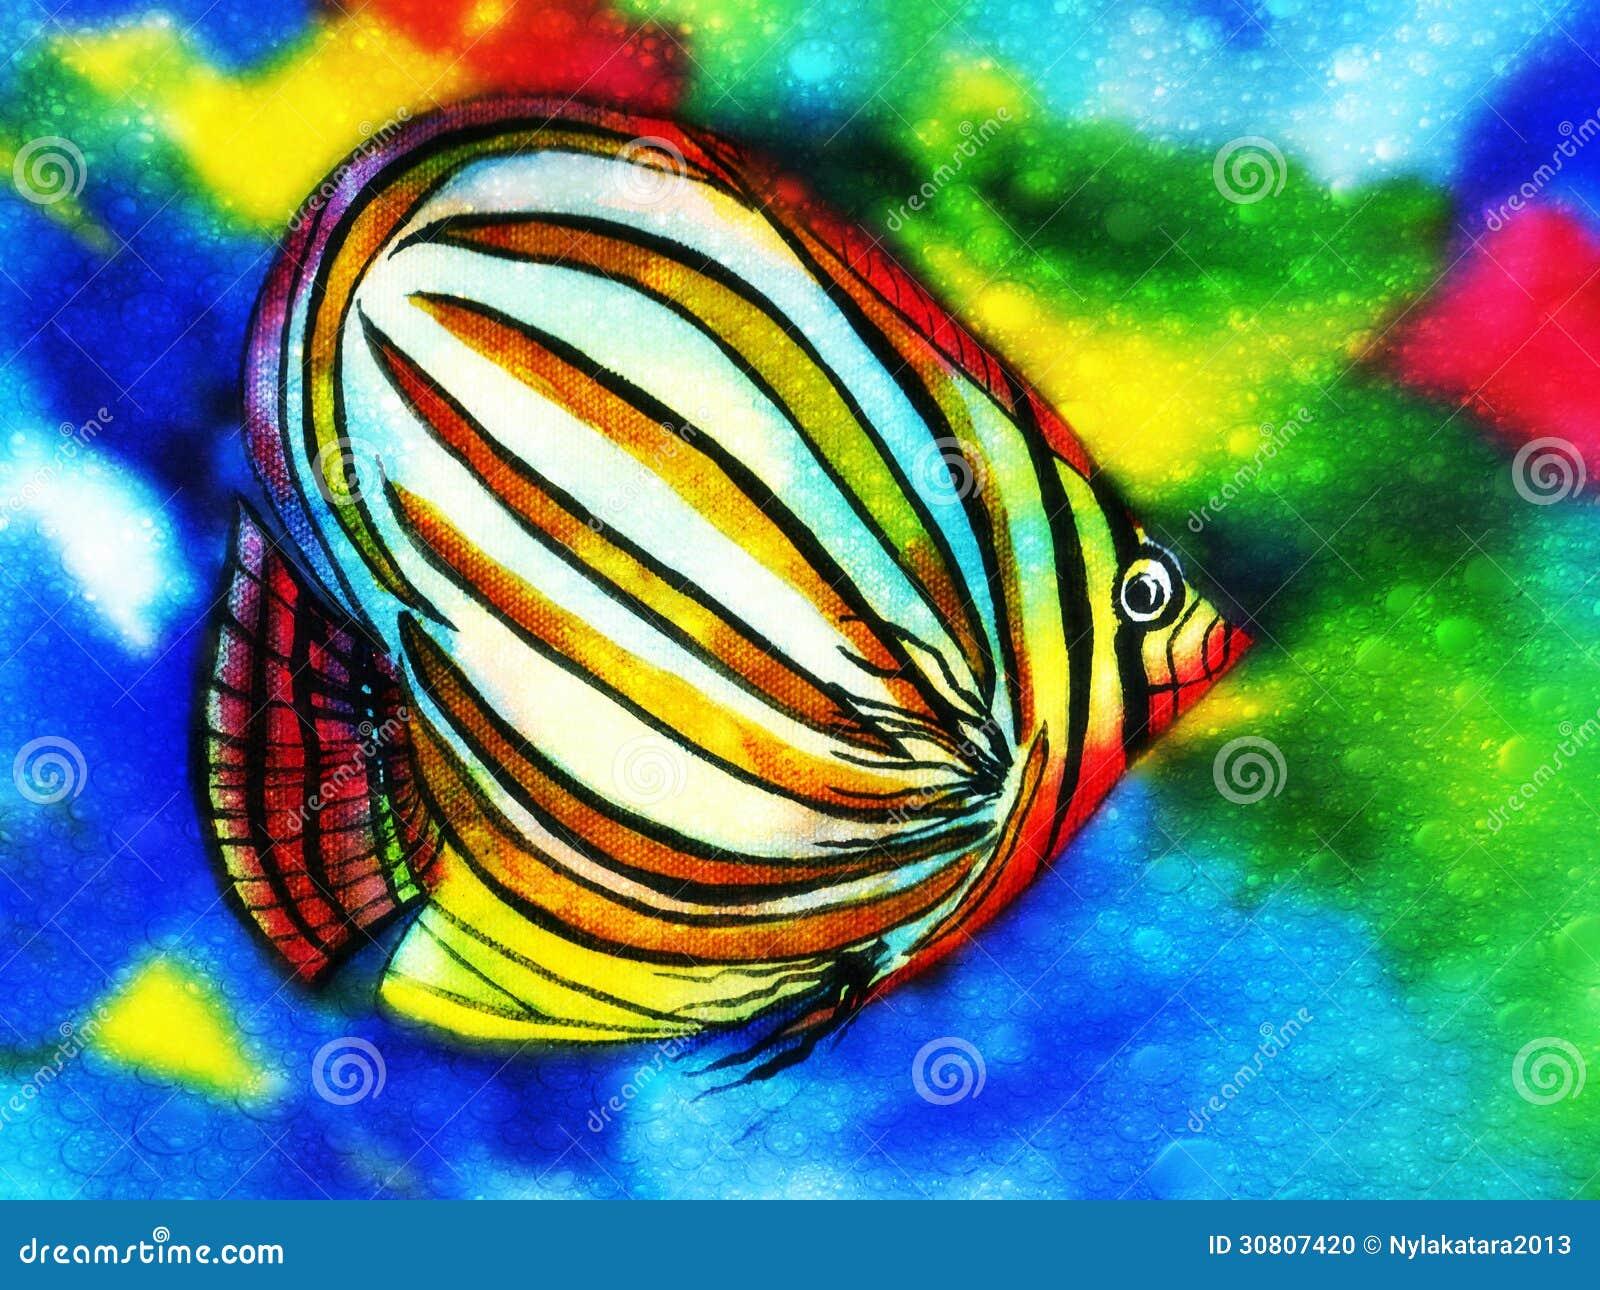 Aquarelle De Poissons D 39 Angle Avec Des Bulles De L 39 Eau Photo Stock Image 30807420